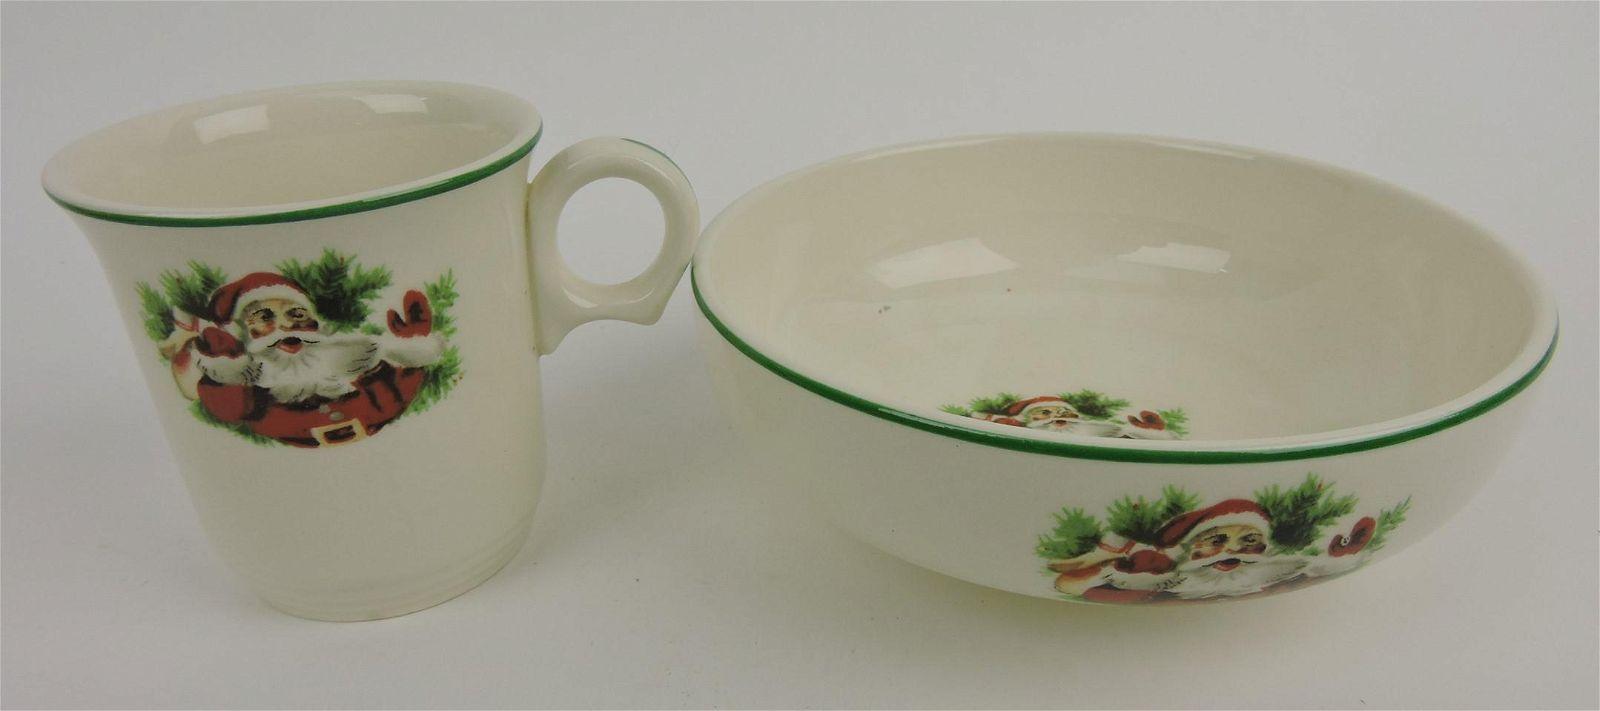 HLC Santa child's bowl & mug